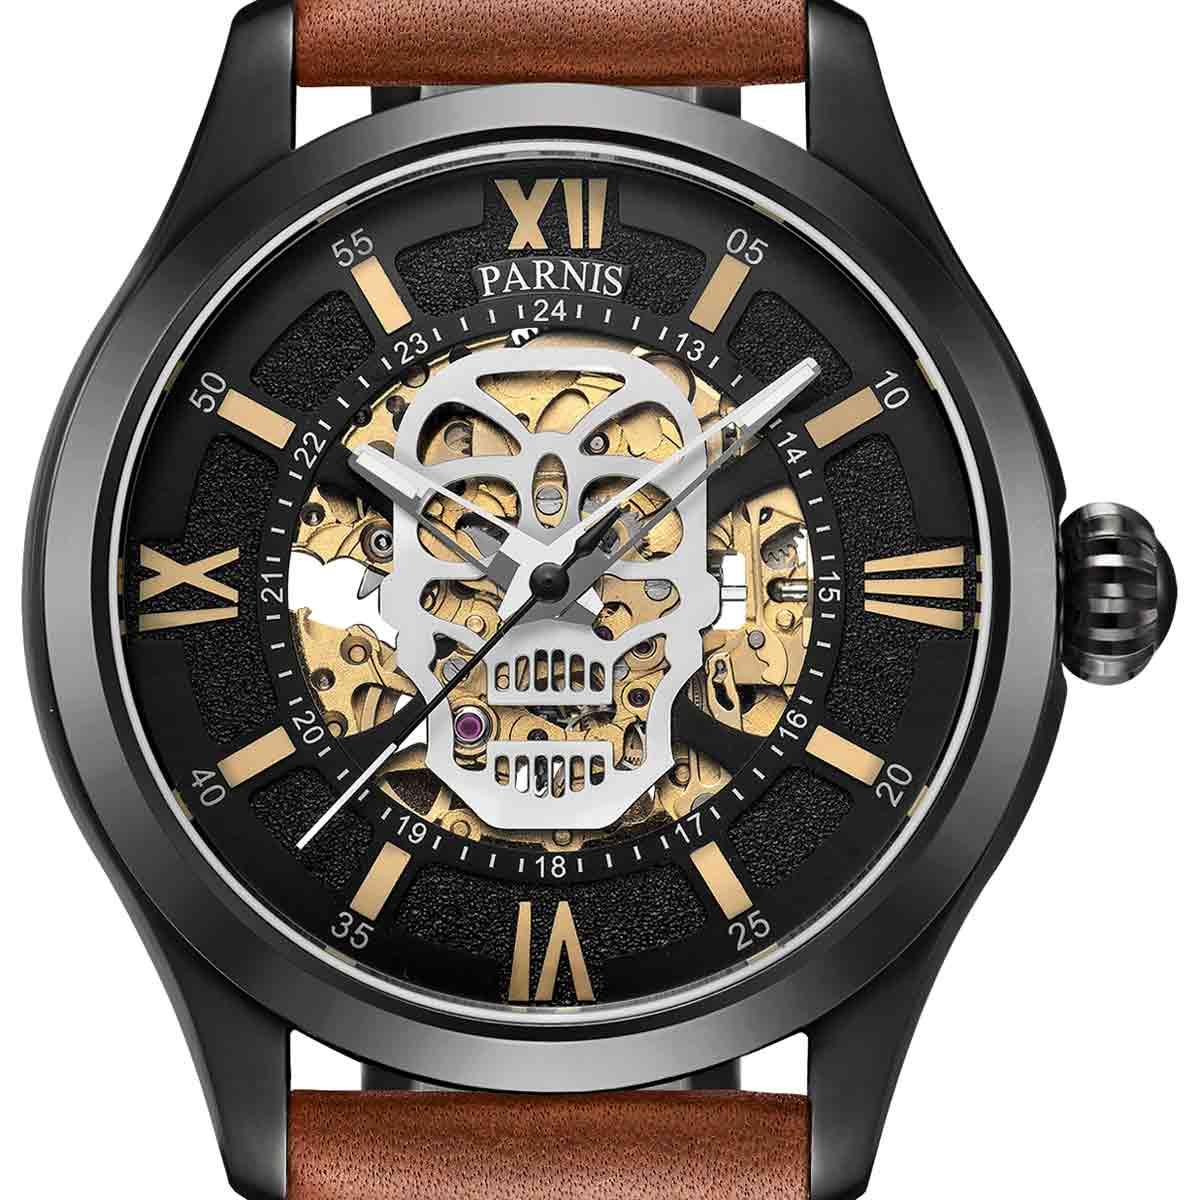 【残り1点】【NEW】PARNIS パーニス 自動巻き 腕時計 [PA6054-S3AL-BKBR] 並行輸入品 純正ケース メーカー保証12ヶ月